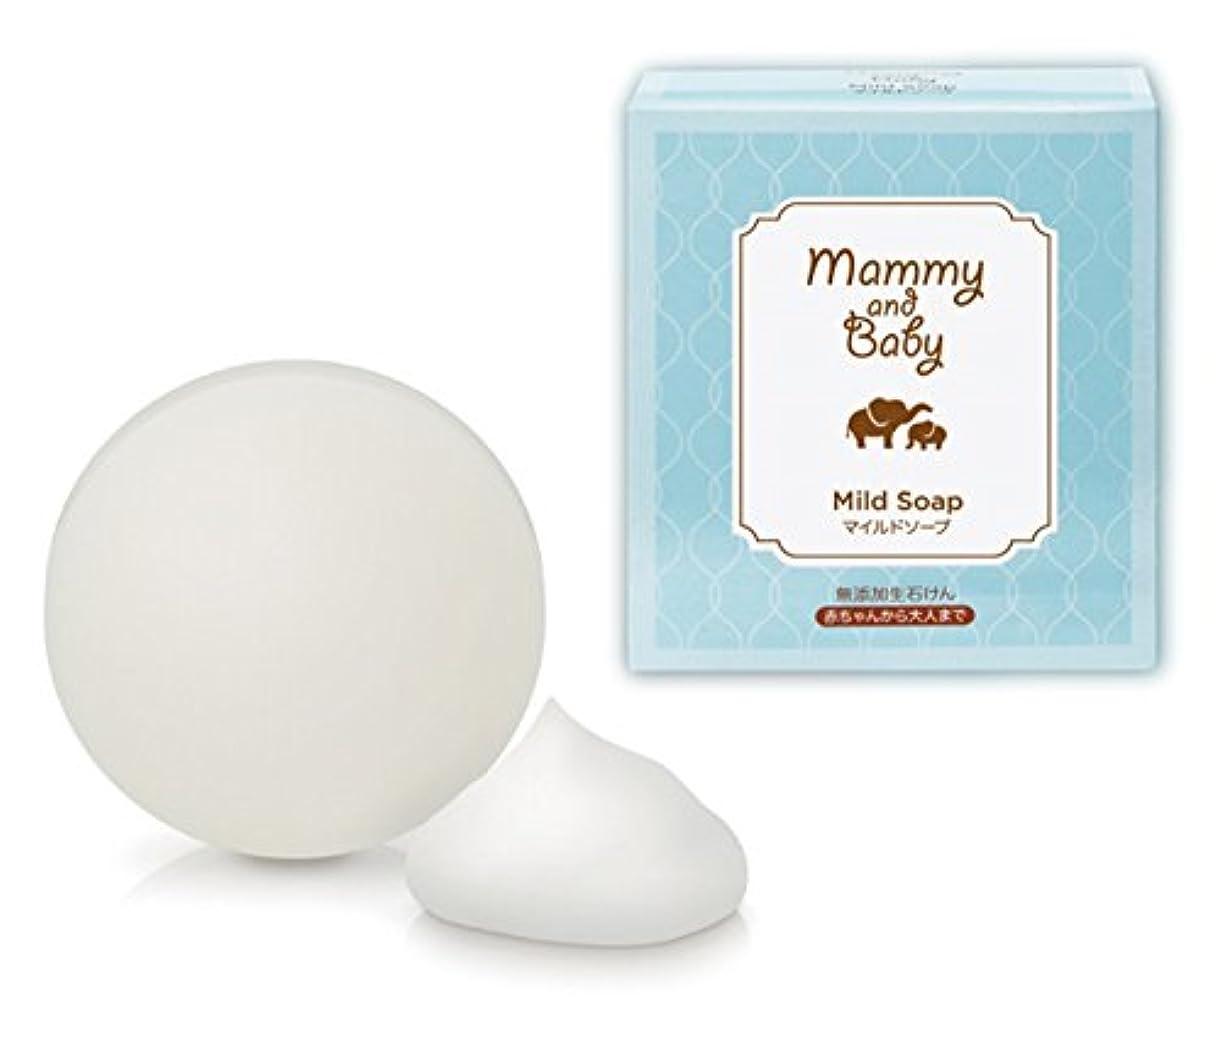 若さ祝福汚染されたMammy & Baby マイルドソープ 無添加生石鹸 2個組